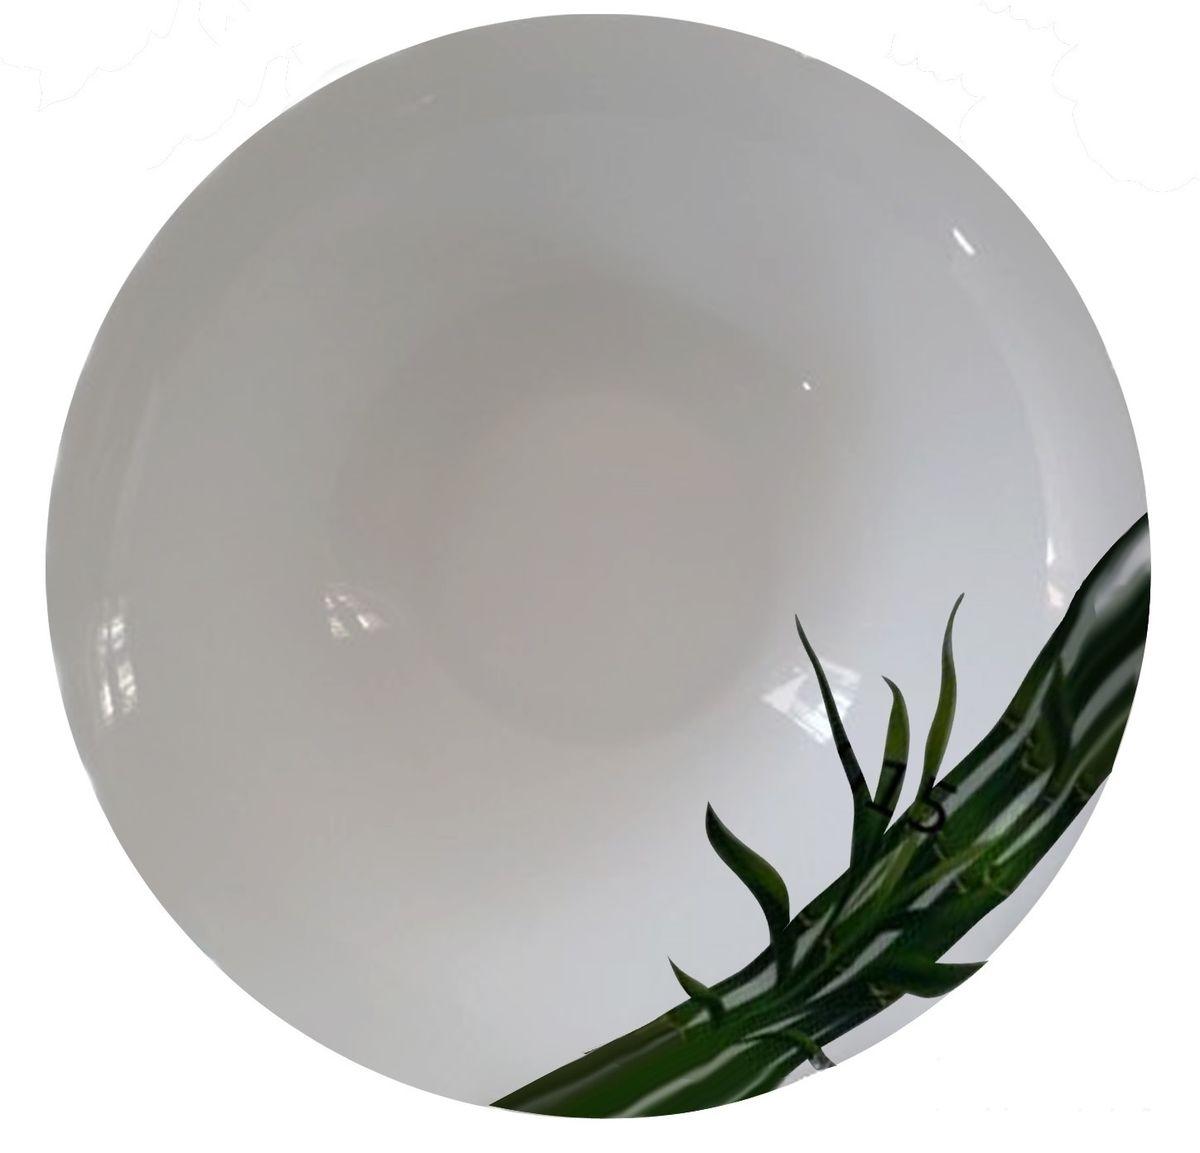 Салатник МФК-профит Бамбук, цвет: белый, зеленый, 950 млAVCARN22018Салатник МФК-профит Бамбук изготовлен из керамики. Внутренние стенки оформлены красивым узором. Такой салатник прекрасно подойдет как для торжественных случаев, так и для повседневного использования. Идеален для салатов, закусок, соусов. Можно использовать в посудомоечной машине и СВЧ.